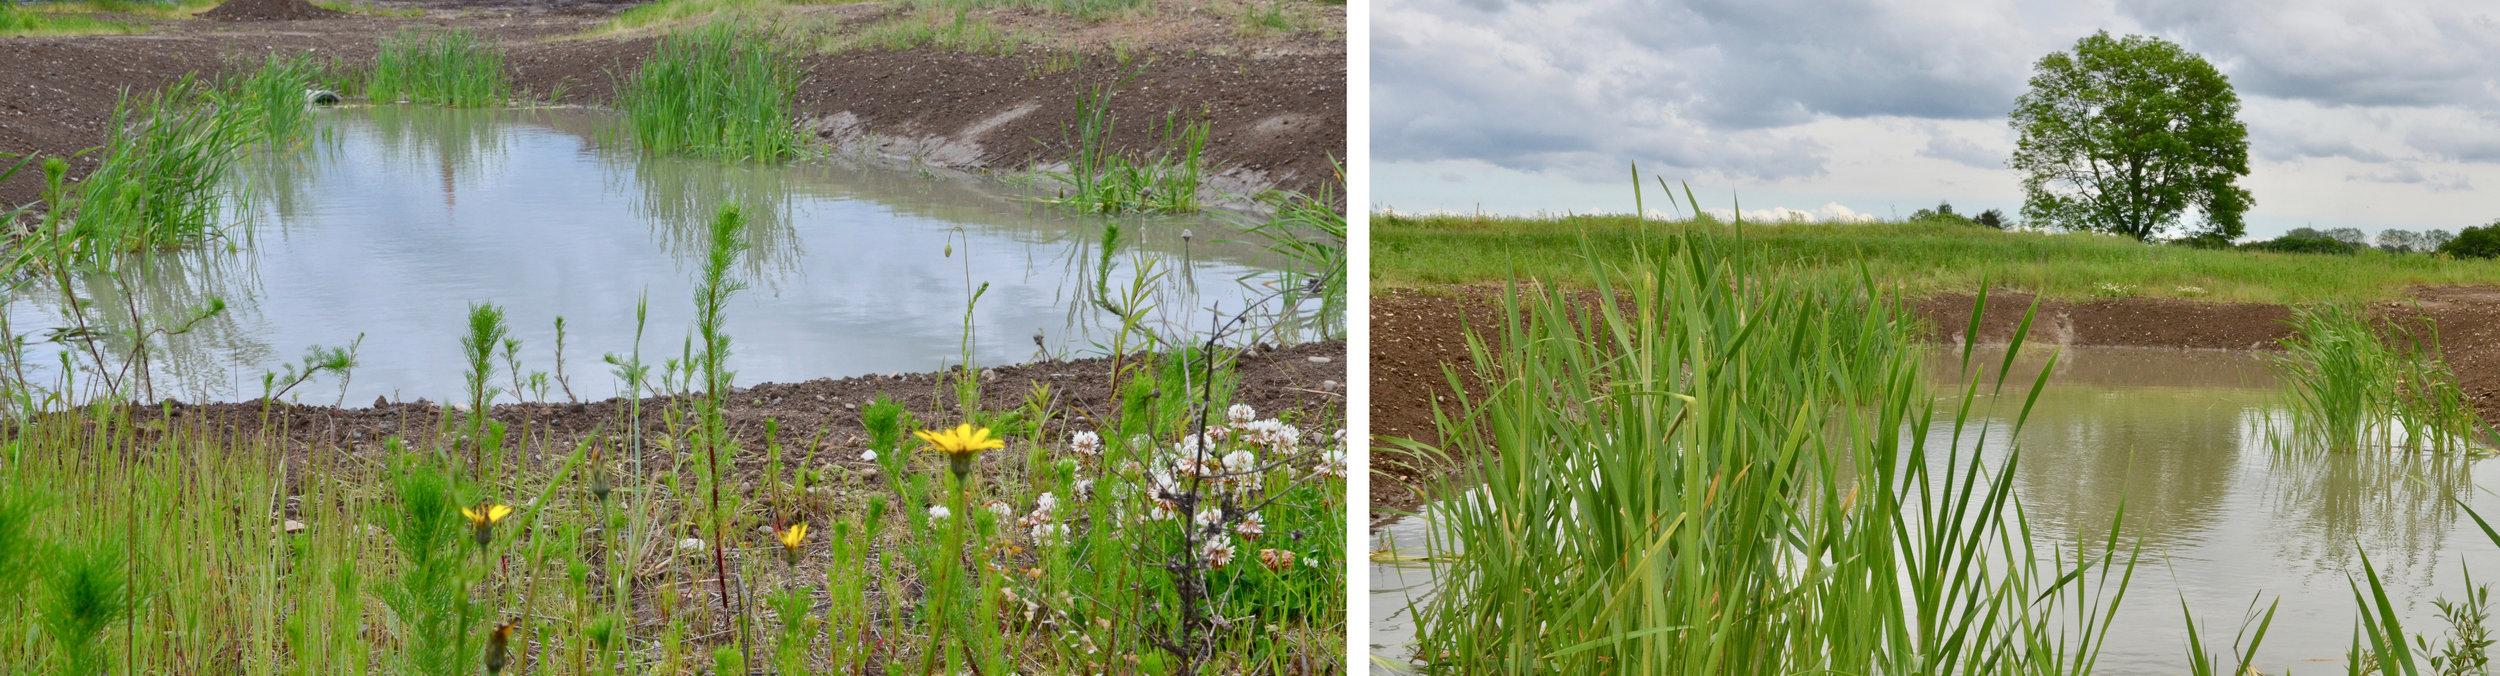 Det er planen, at de åbne regnvandsløb samles i forskellige søer i de grønne kiler. Foto: AOB